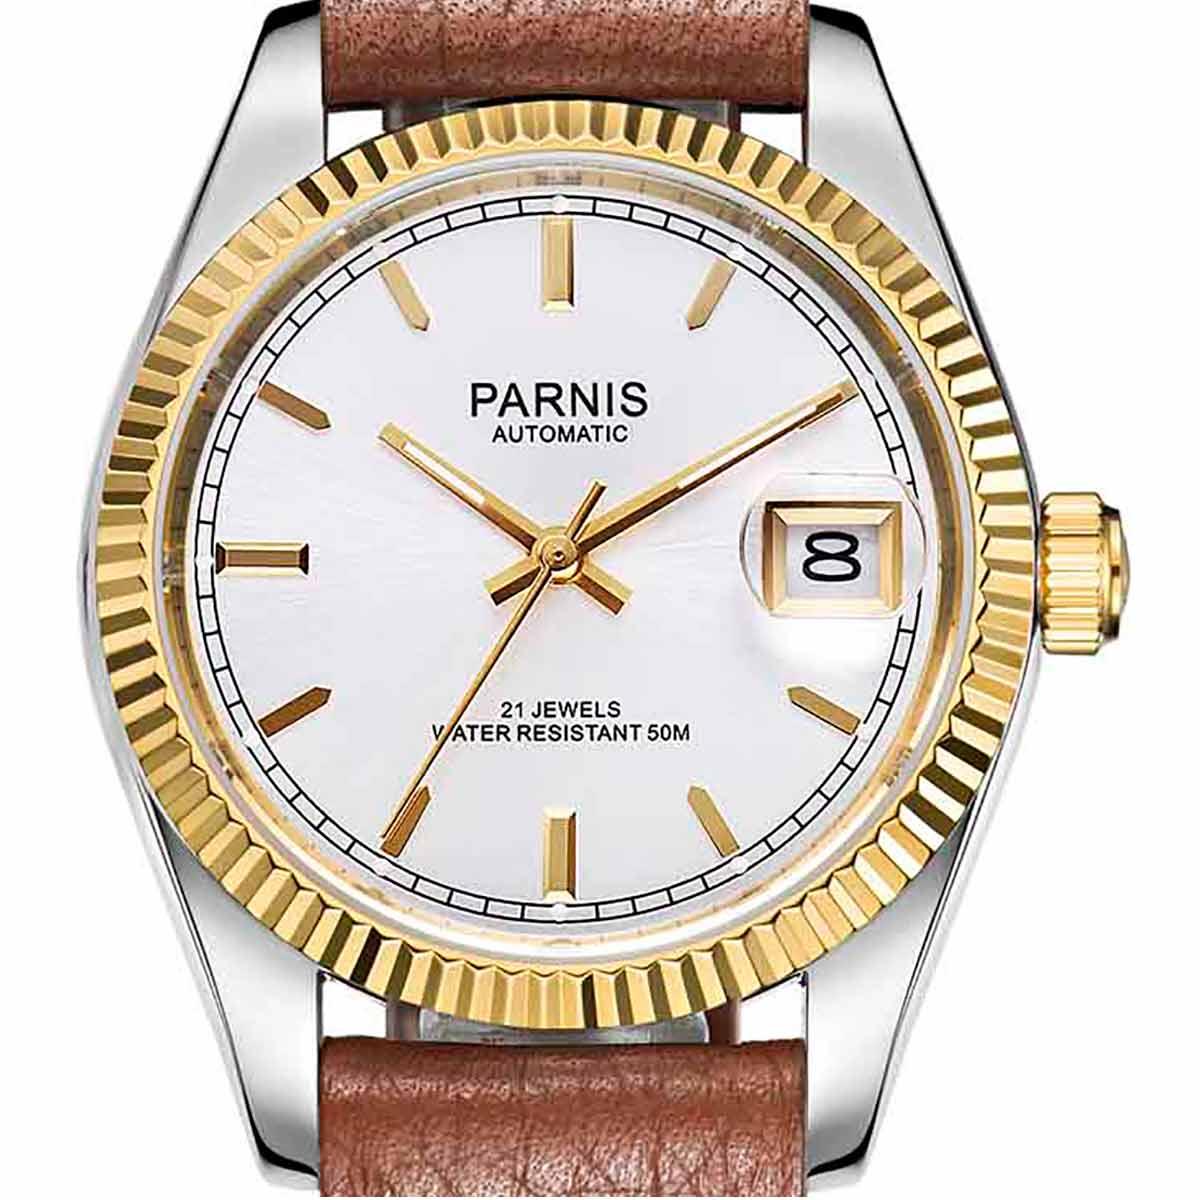 【NEW】PARNIS パーニス クォーツ 腕時計 メンズ [PA2112-P-S3AL-SGDB-B] 並行輸入品 メーカー保証